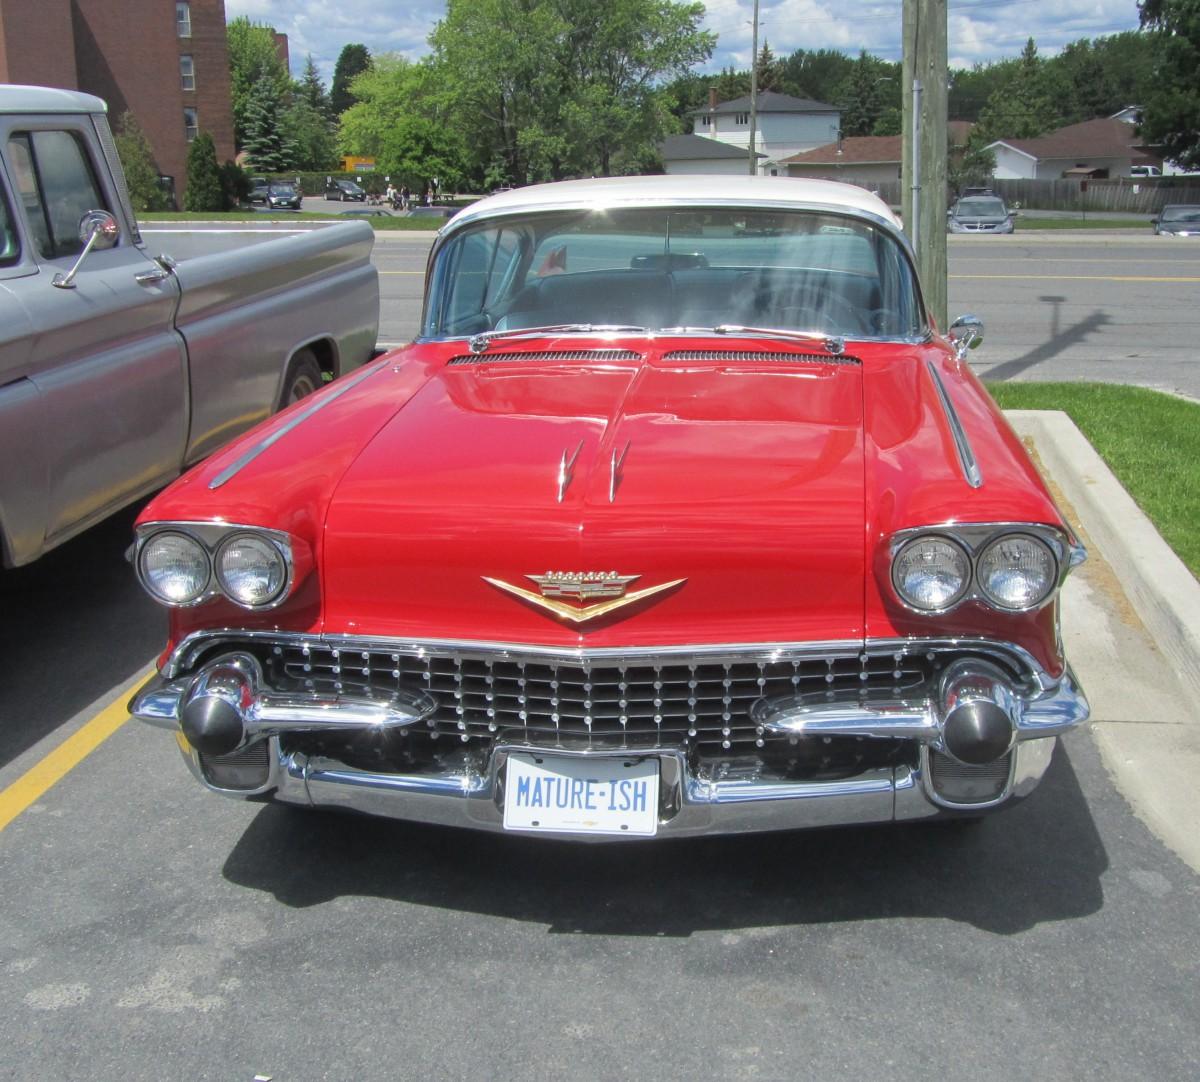 Dealer Classic: 1958 Cadillac Coupe DeVille